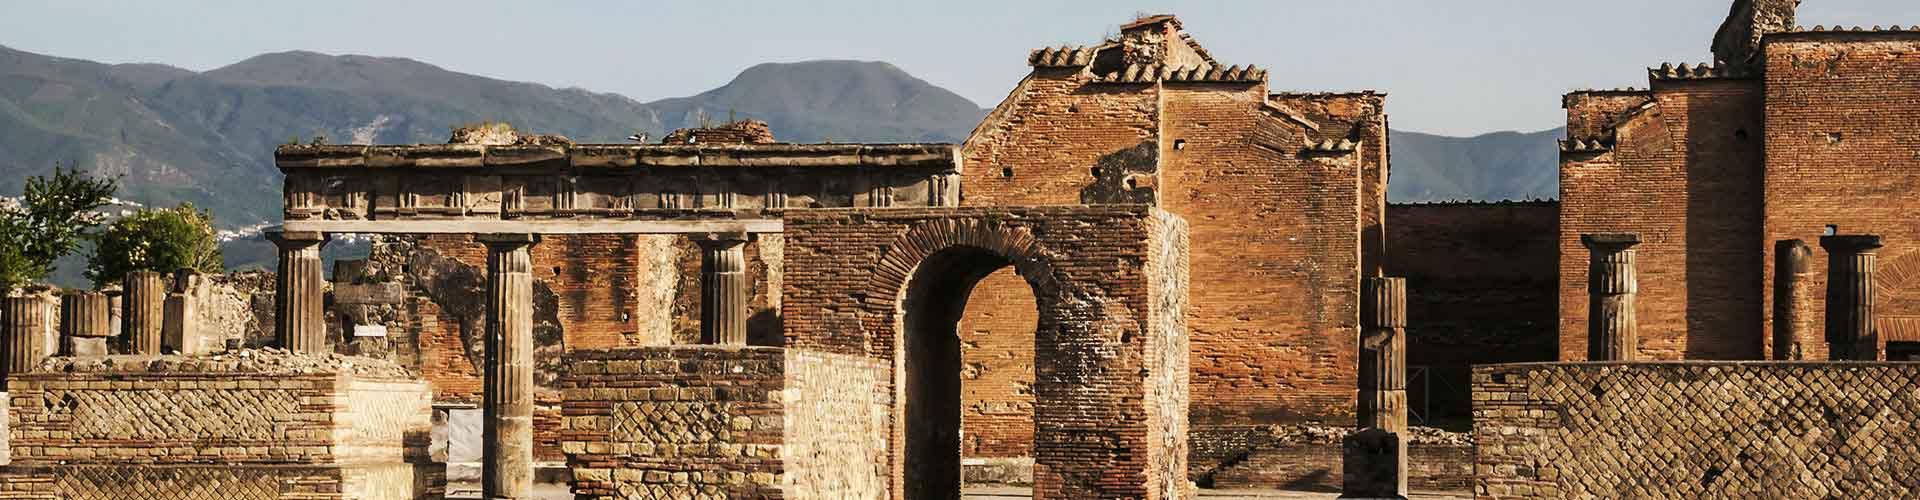 Pompei – Hostellit kohteessa Pompei. Pompei -karttoja, valokuvia ja arvosteluja kaikista Pompei -hostelleista.